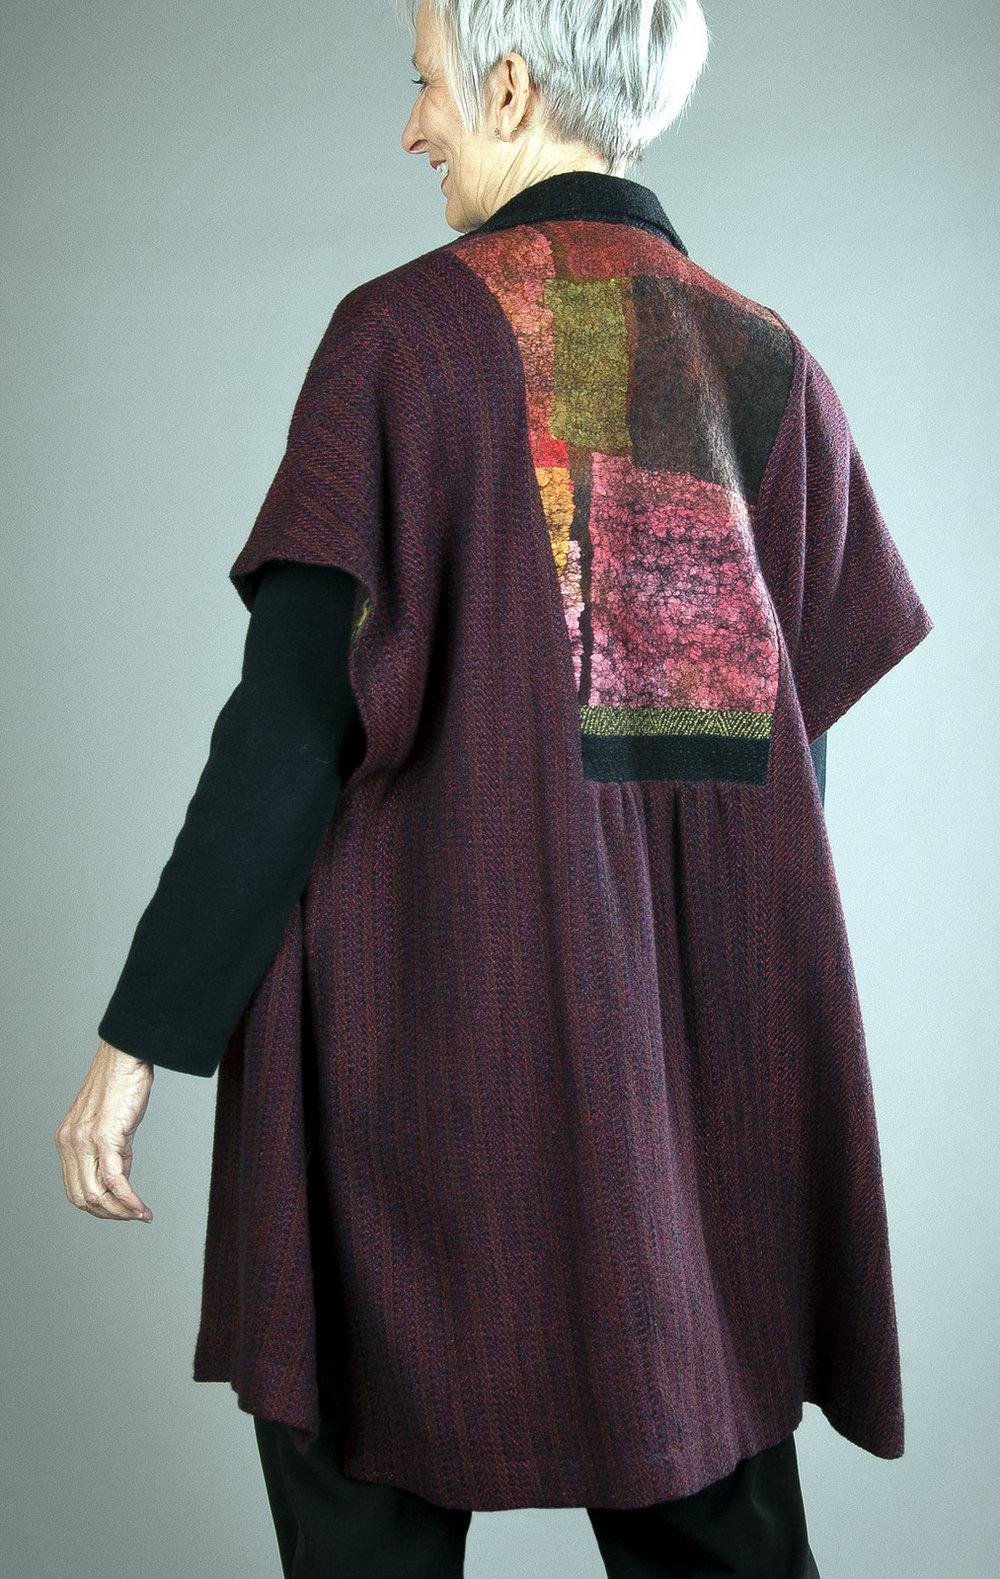 Liz Spear Handwoven, Wearable Art, Art-To-Wear-055.jpg